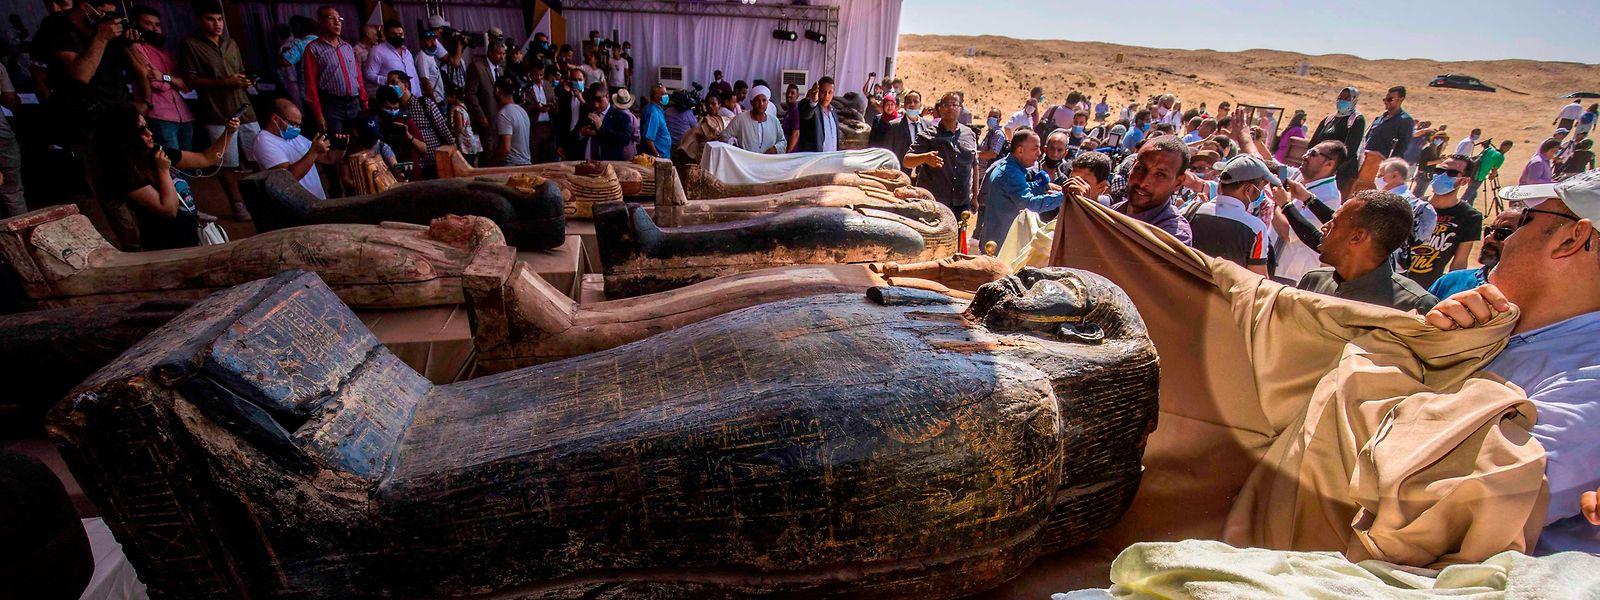 Archivfoto: Erst im vergangenen Jahr hatten Archäologen 59 Sarkophage gefunden.